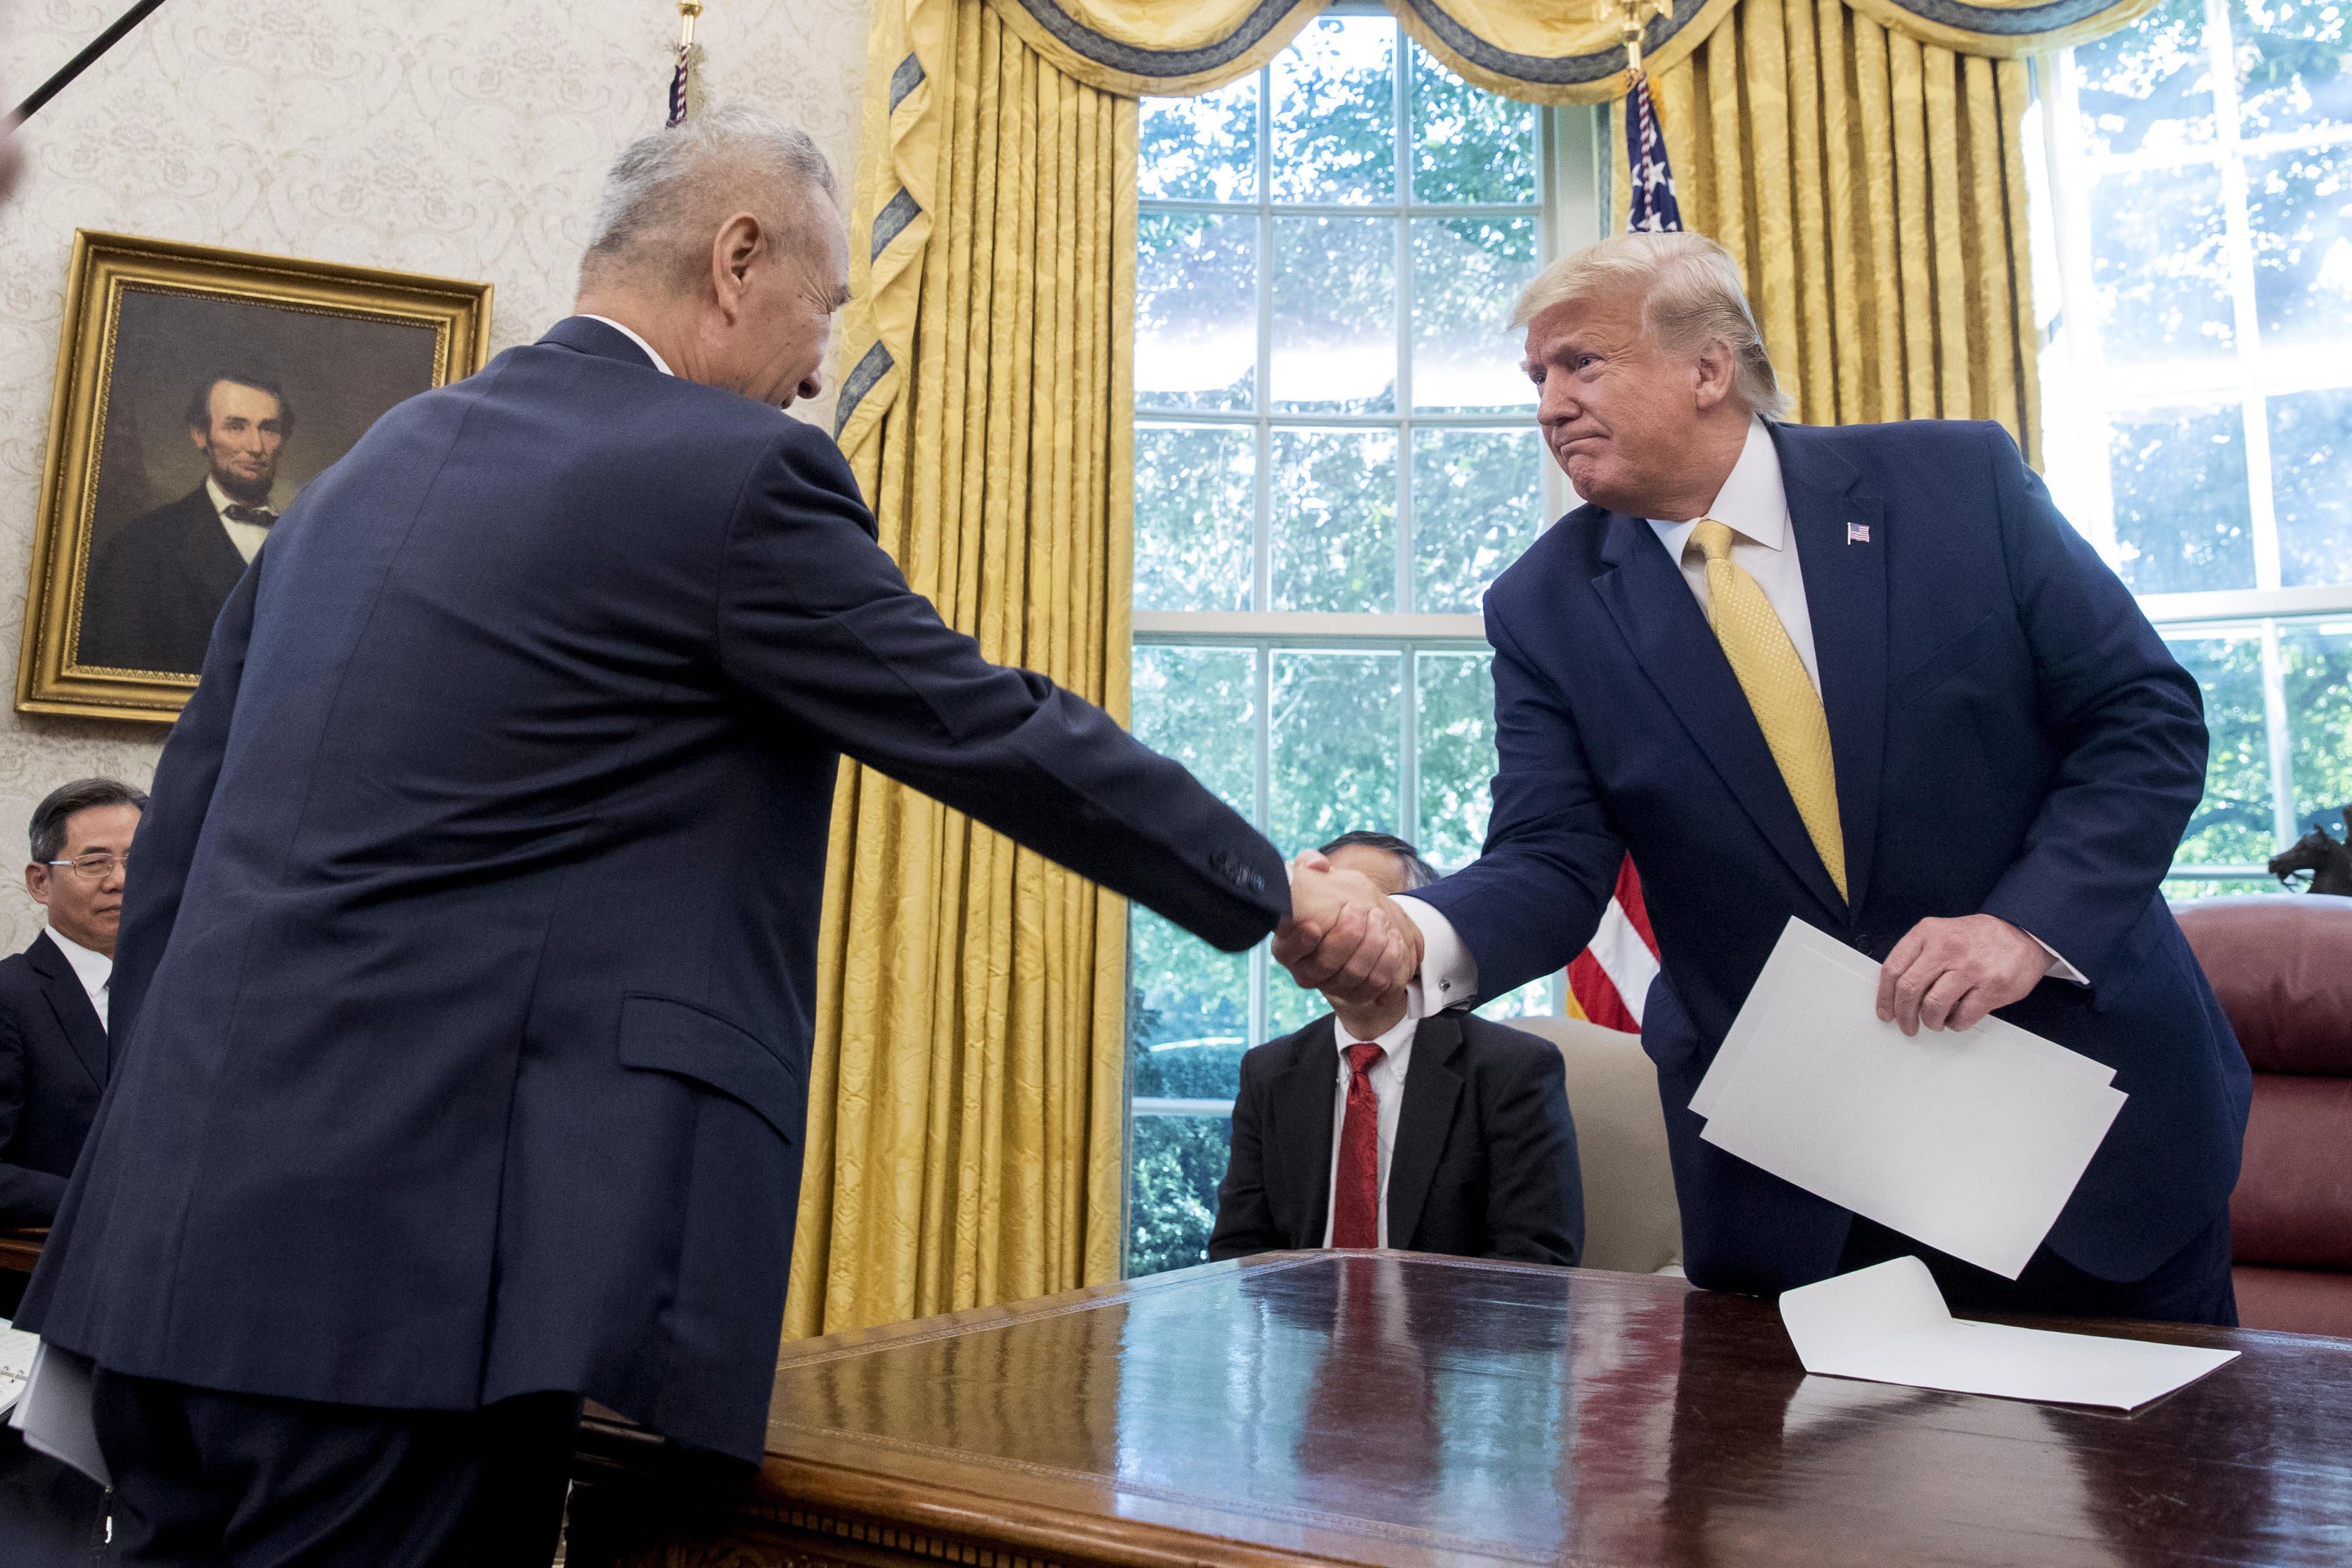 Beware Trump's handshake deals on trade